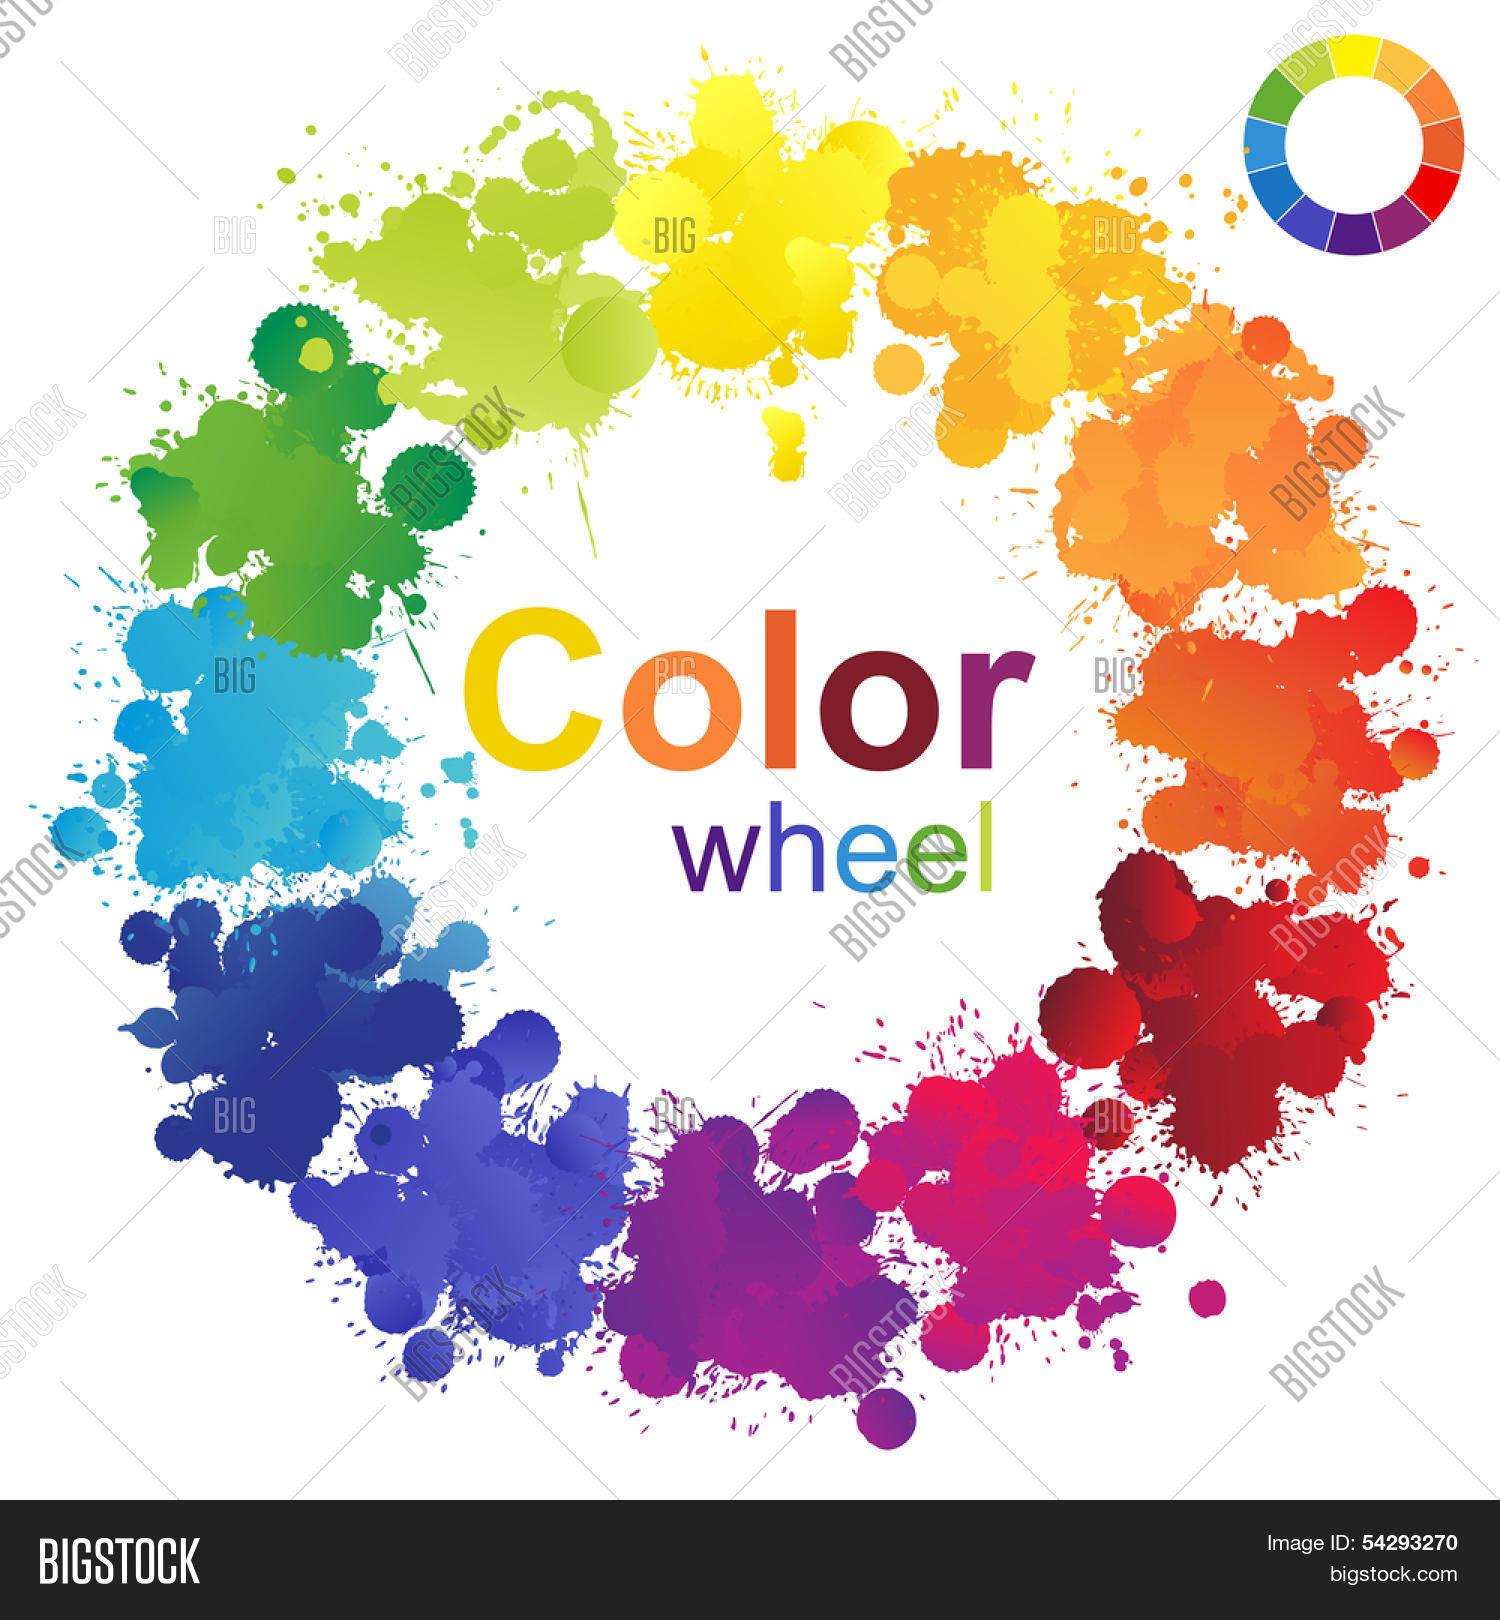 Fine Creative Color Wheel Vector Photo Free Trial Bigstock Interior Design Ideas Tzicisoteloinfo